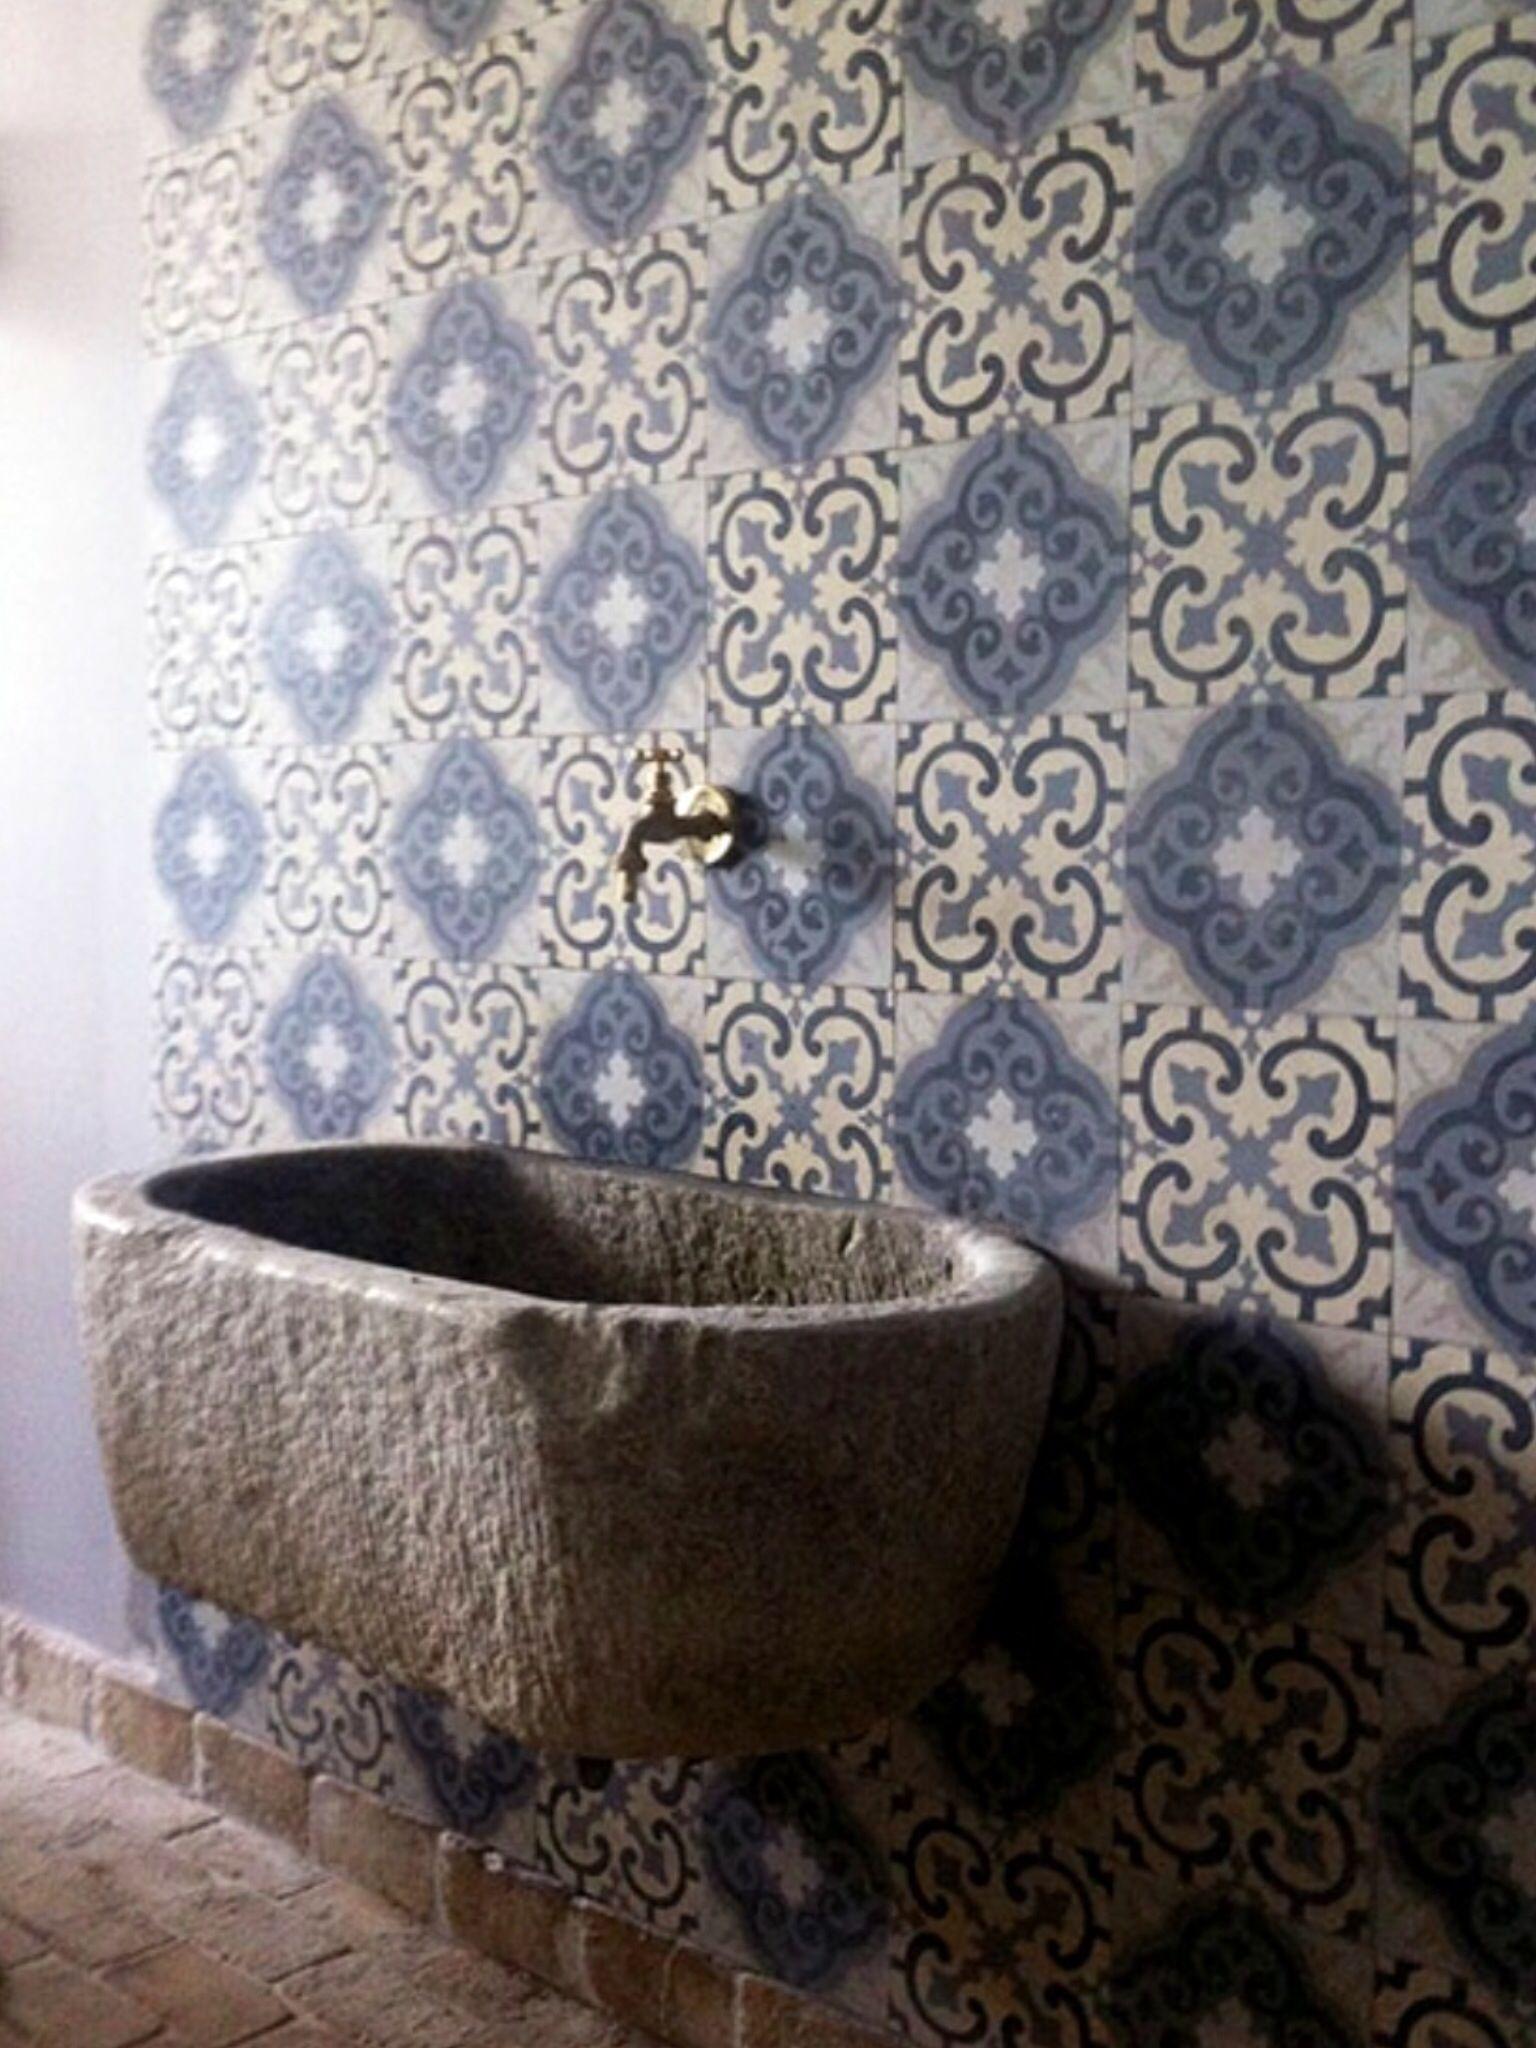 Pin von ithyle auf BATH | Pinterest | Waschbecken, Badezimmer und ...